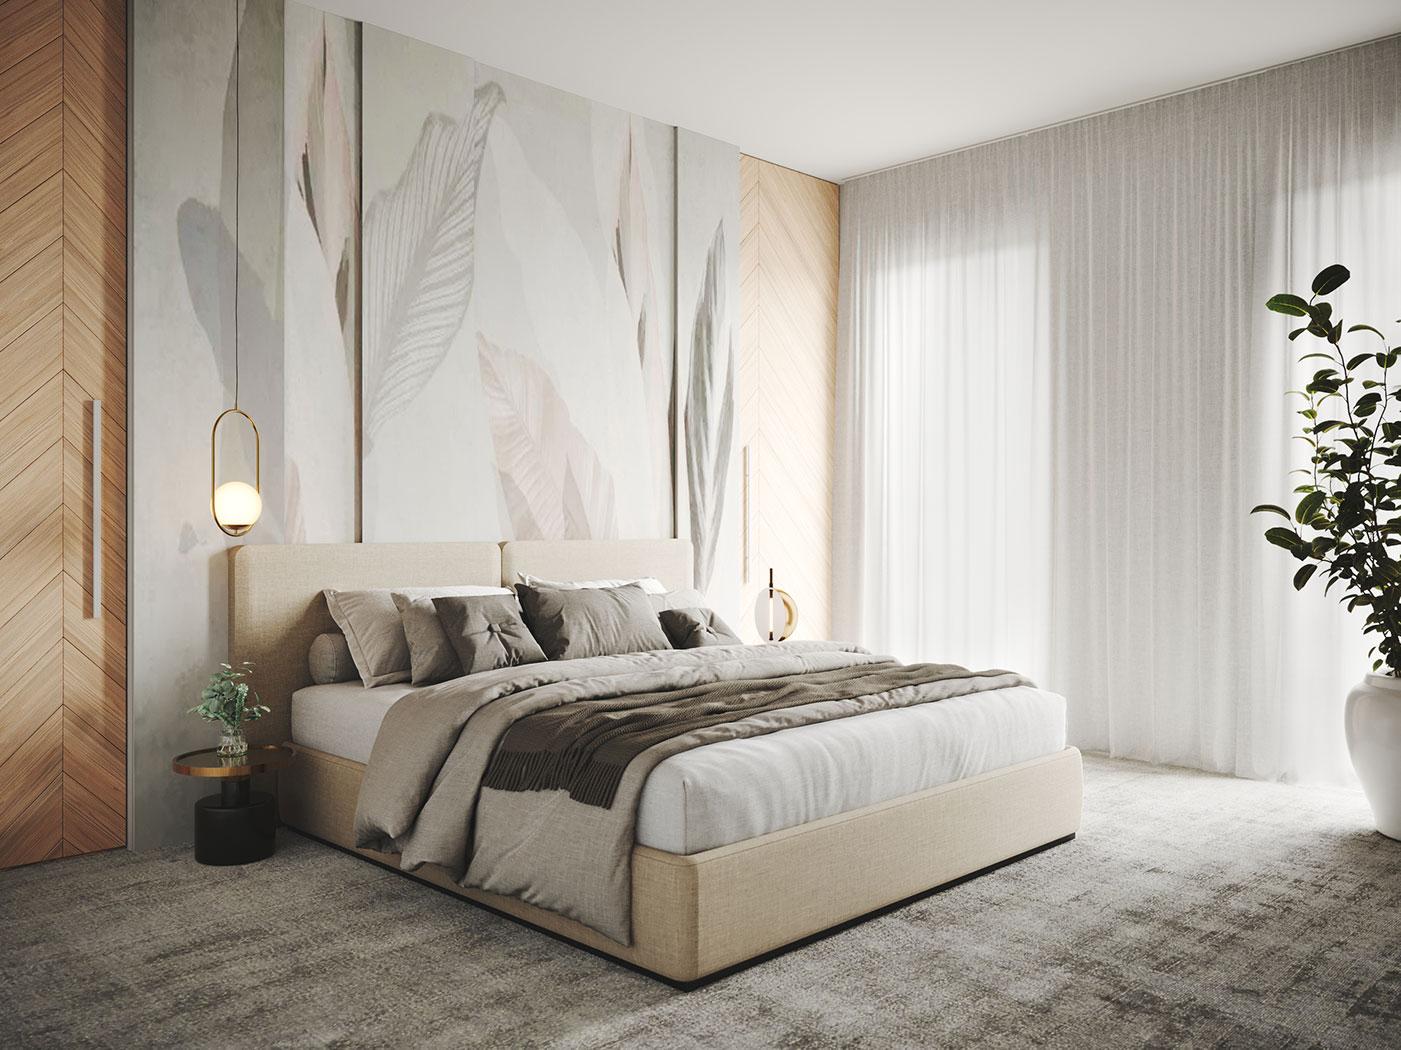 Elegant harmony, House interior design | Bedroom